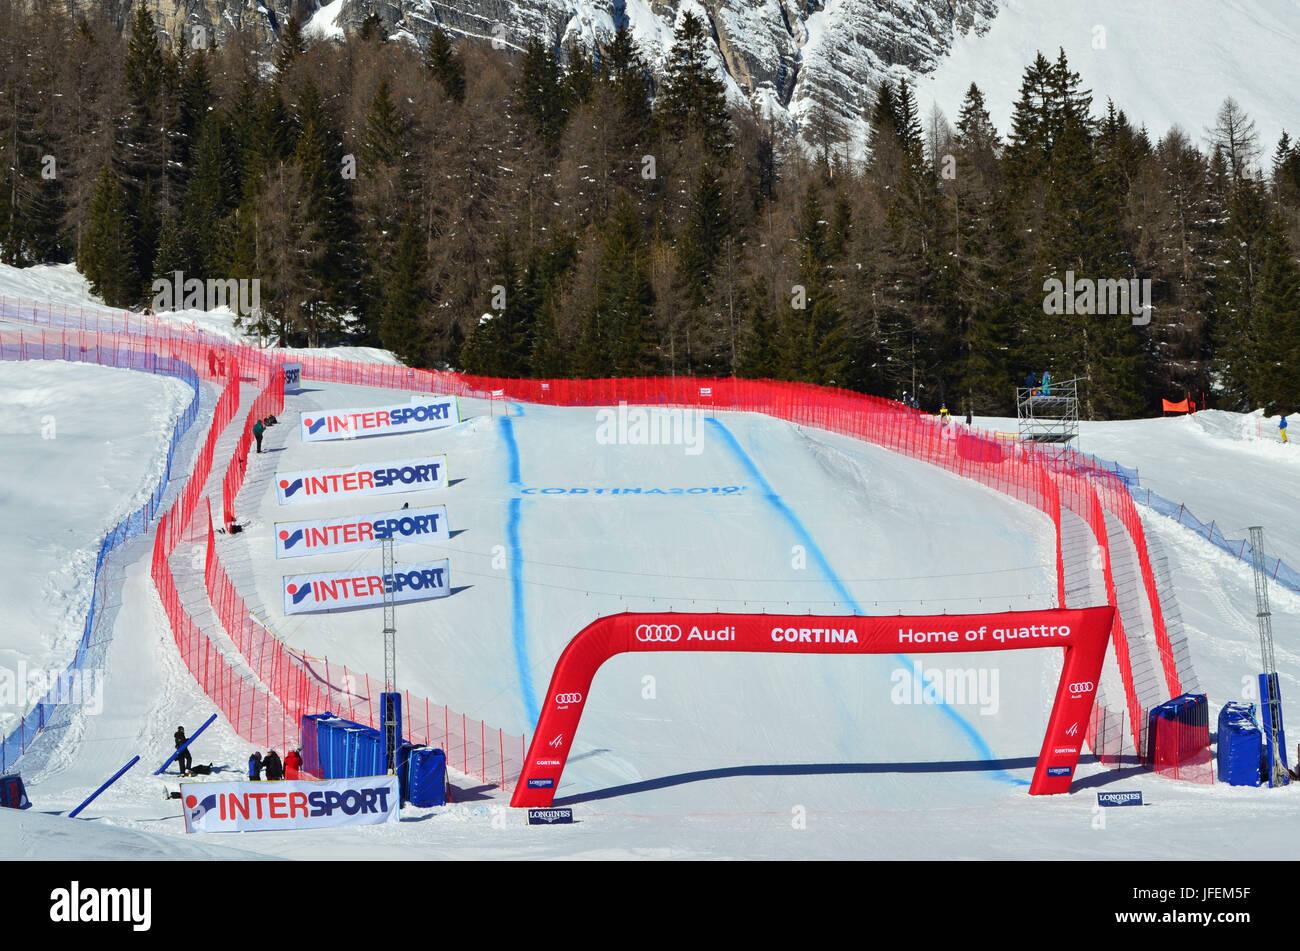 Italy, Veneto, Cortina d'Ampezzo, Tofana, ski world cup, downhill course, destination driveway - Stock Image